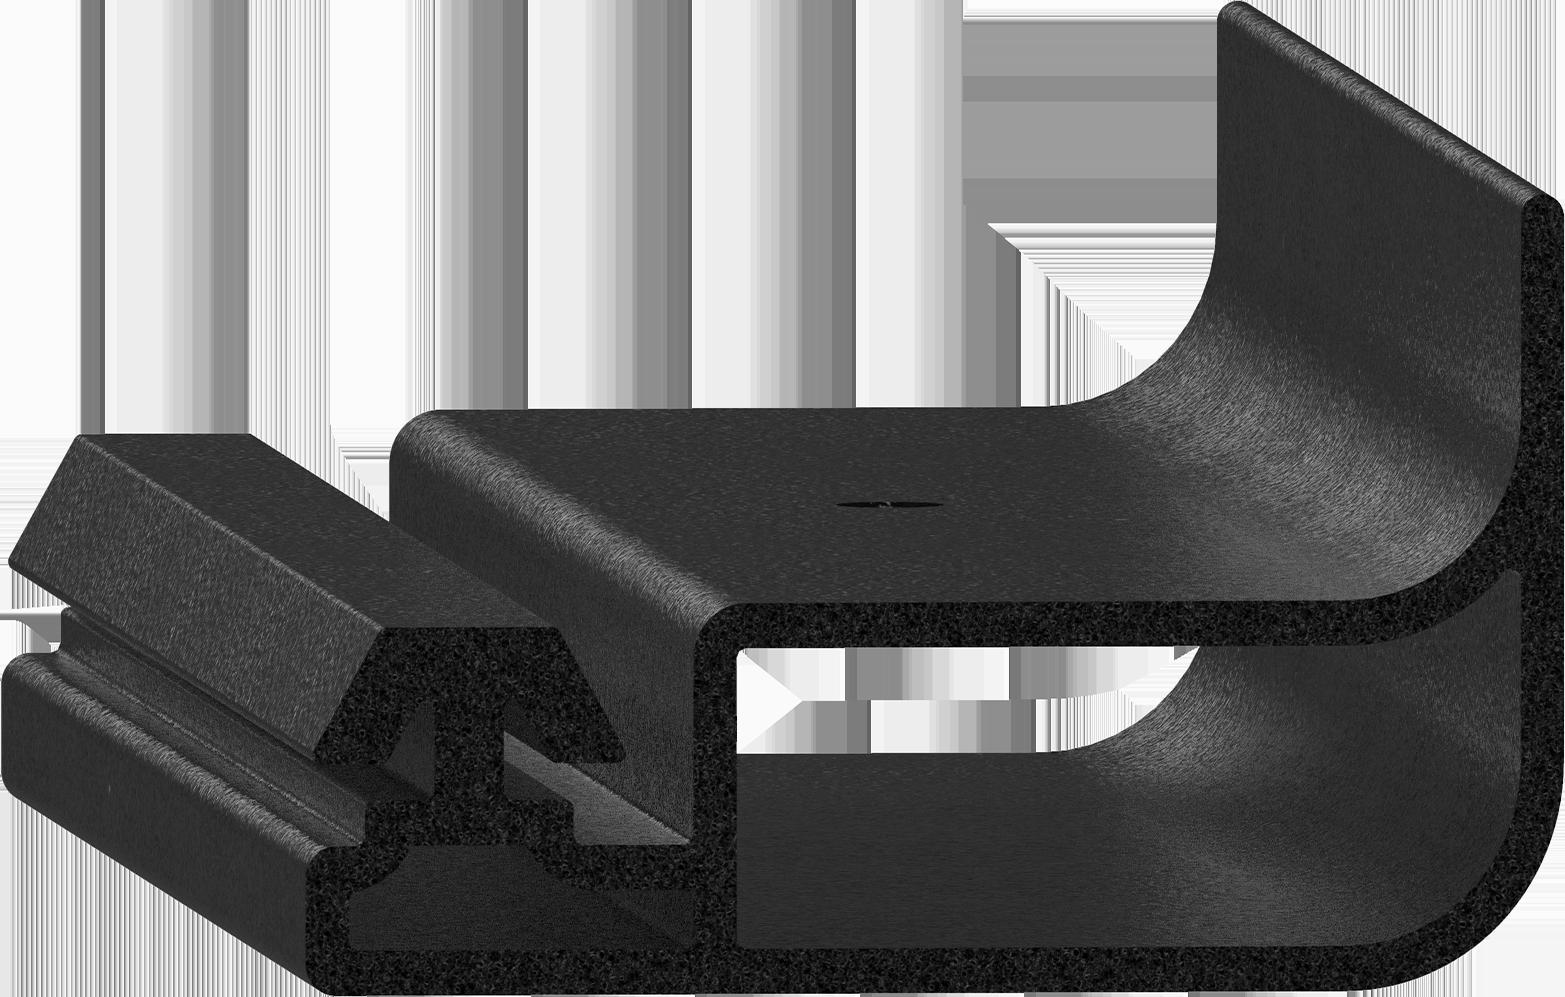 Uni-Grip part: BL-014